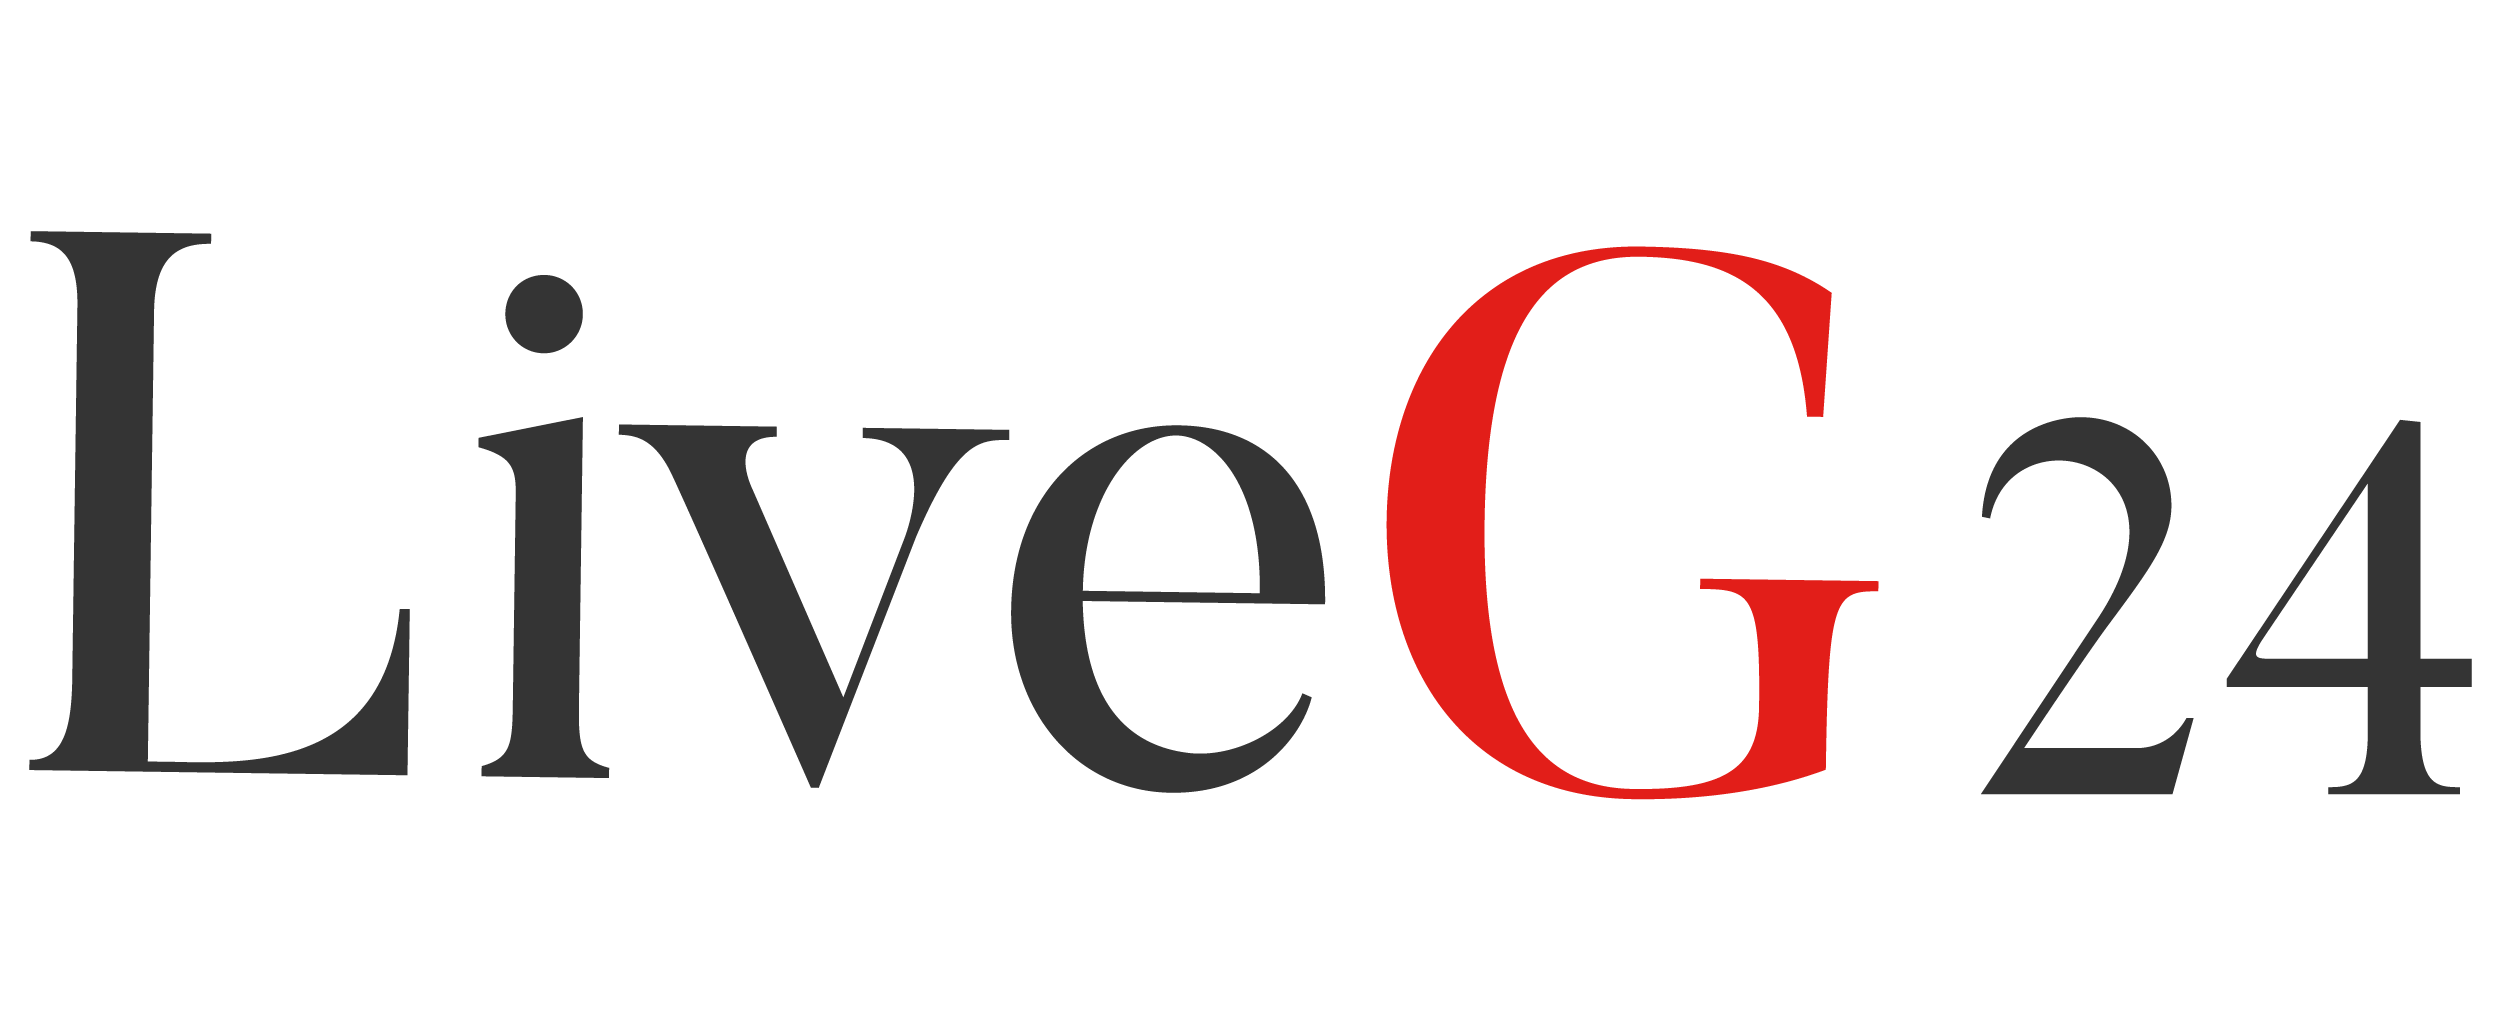 LiveG24